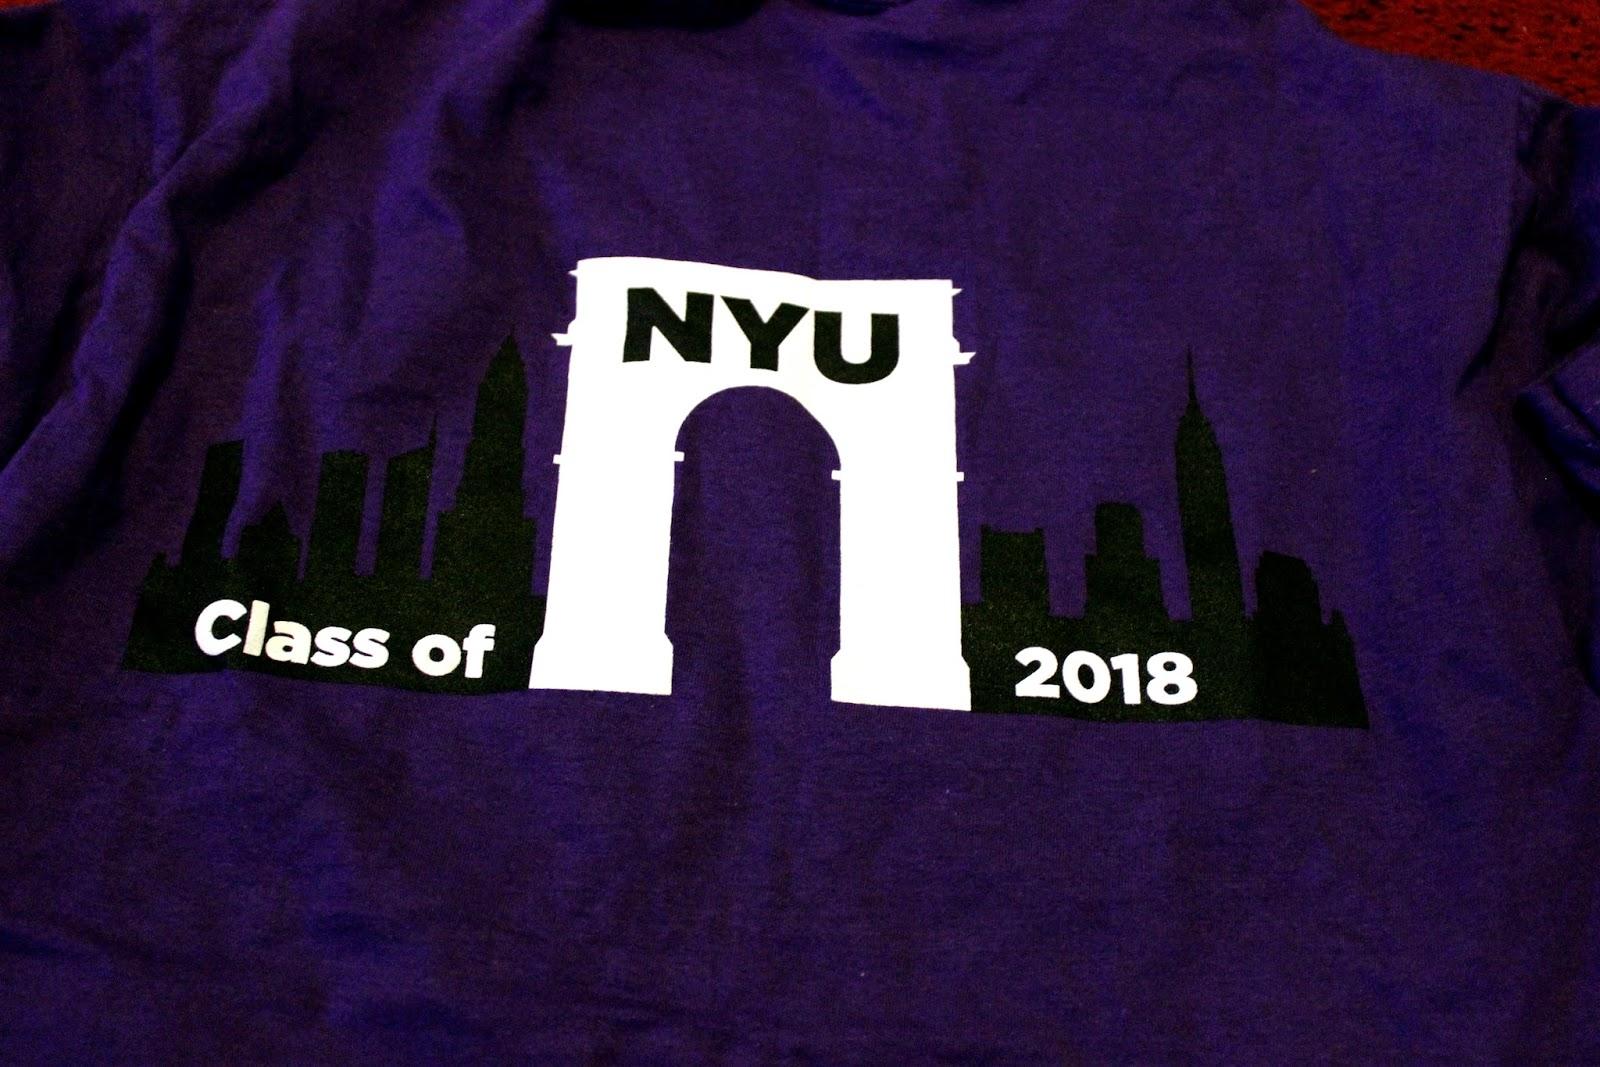 NYU class of 2018 t-shirt